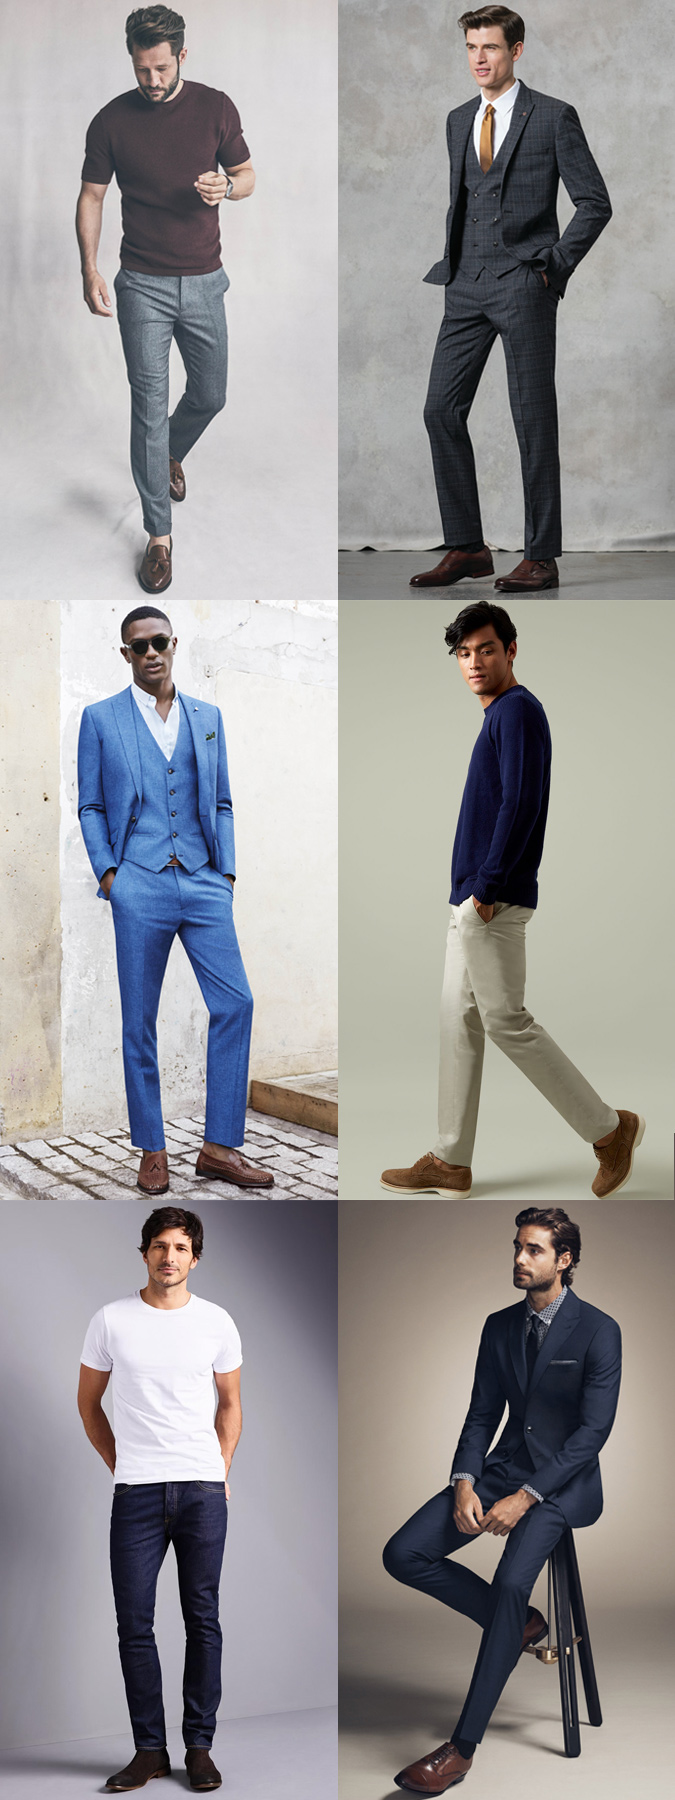 Deze schoenen maken jouw outfit compleet